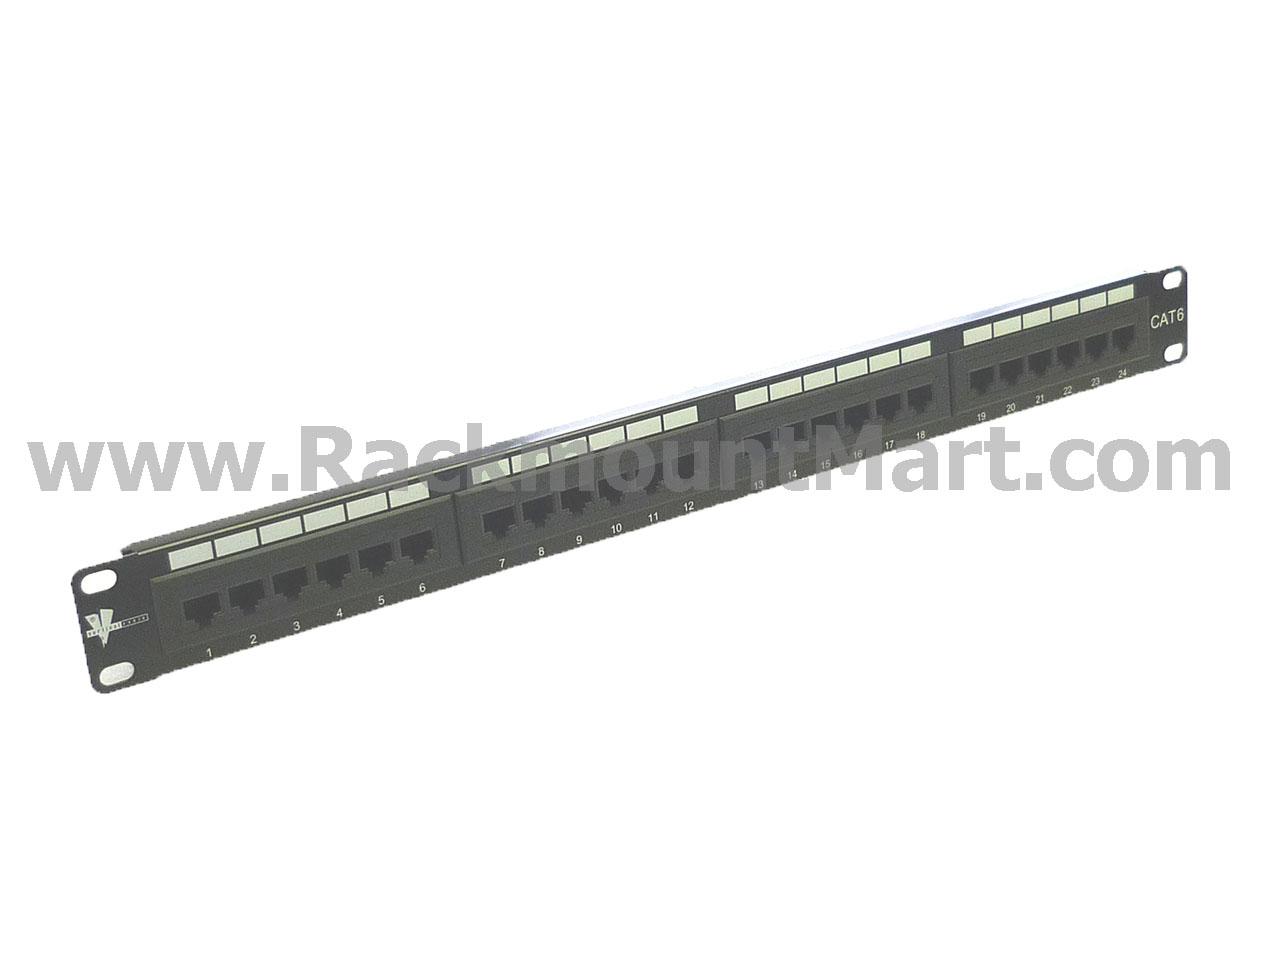 Cat5e 24 Port 110 Idc Patch Panel Part Pa2403 C6 19inch Cat6 Utp T568a T568b Wiring 1ru Termination